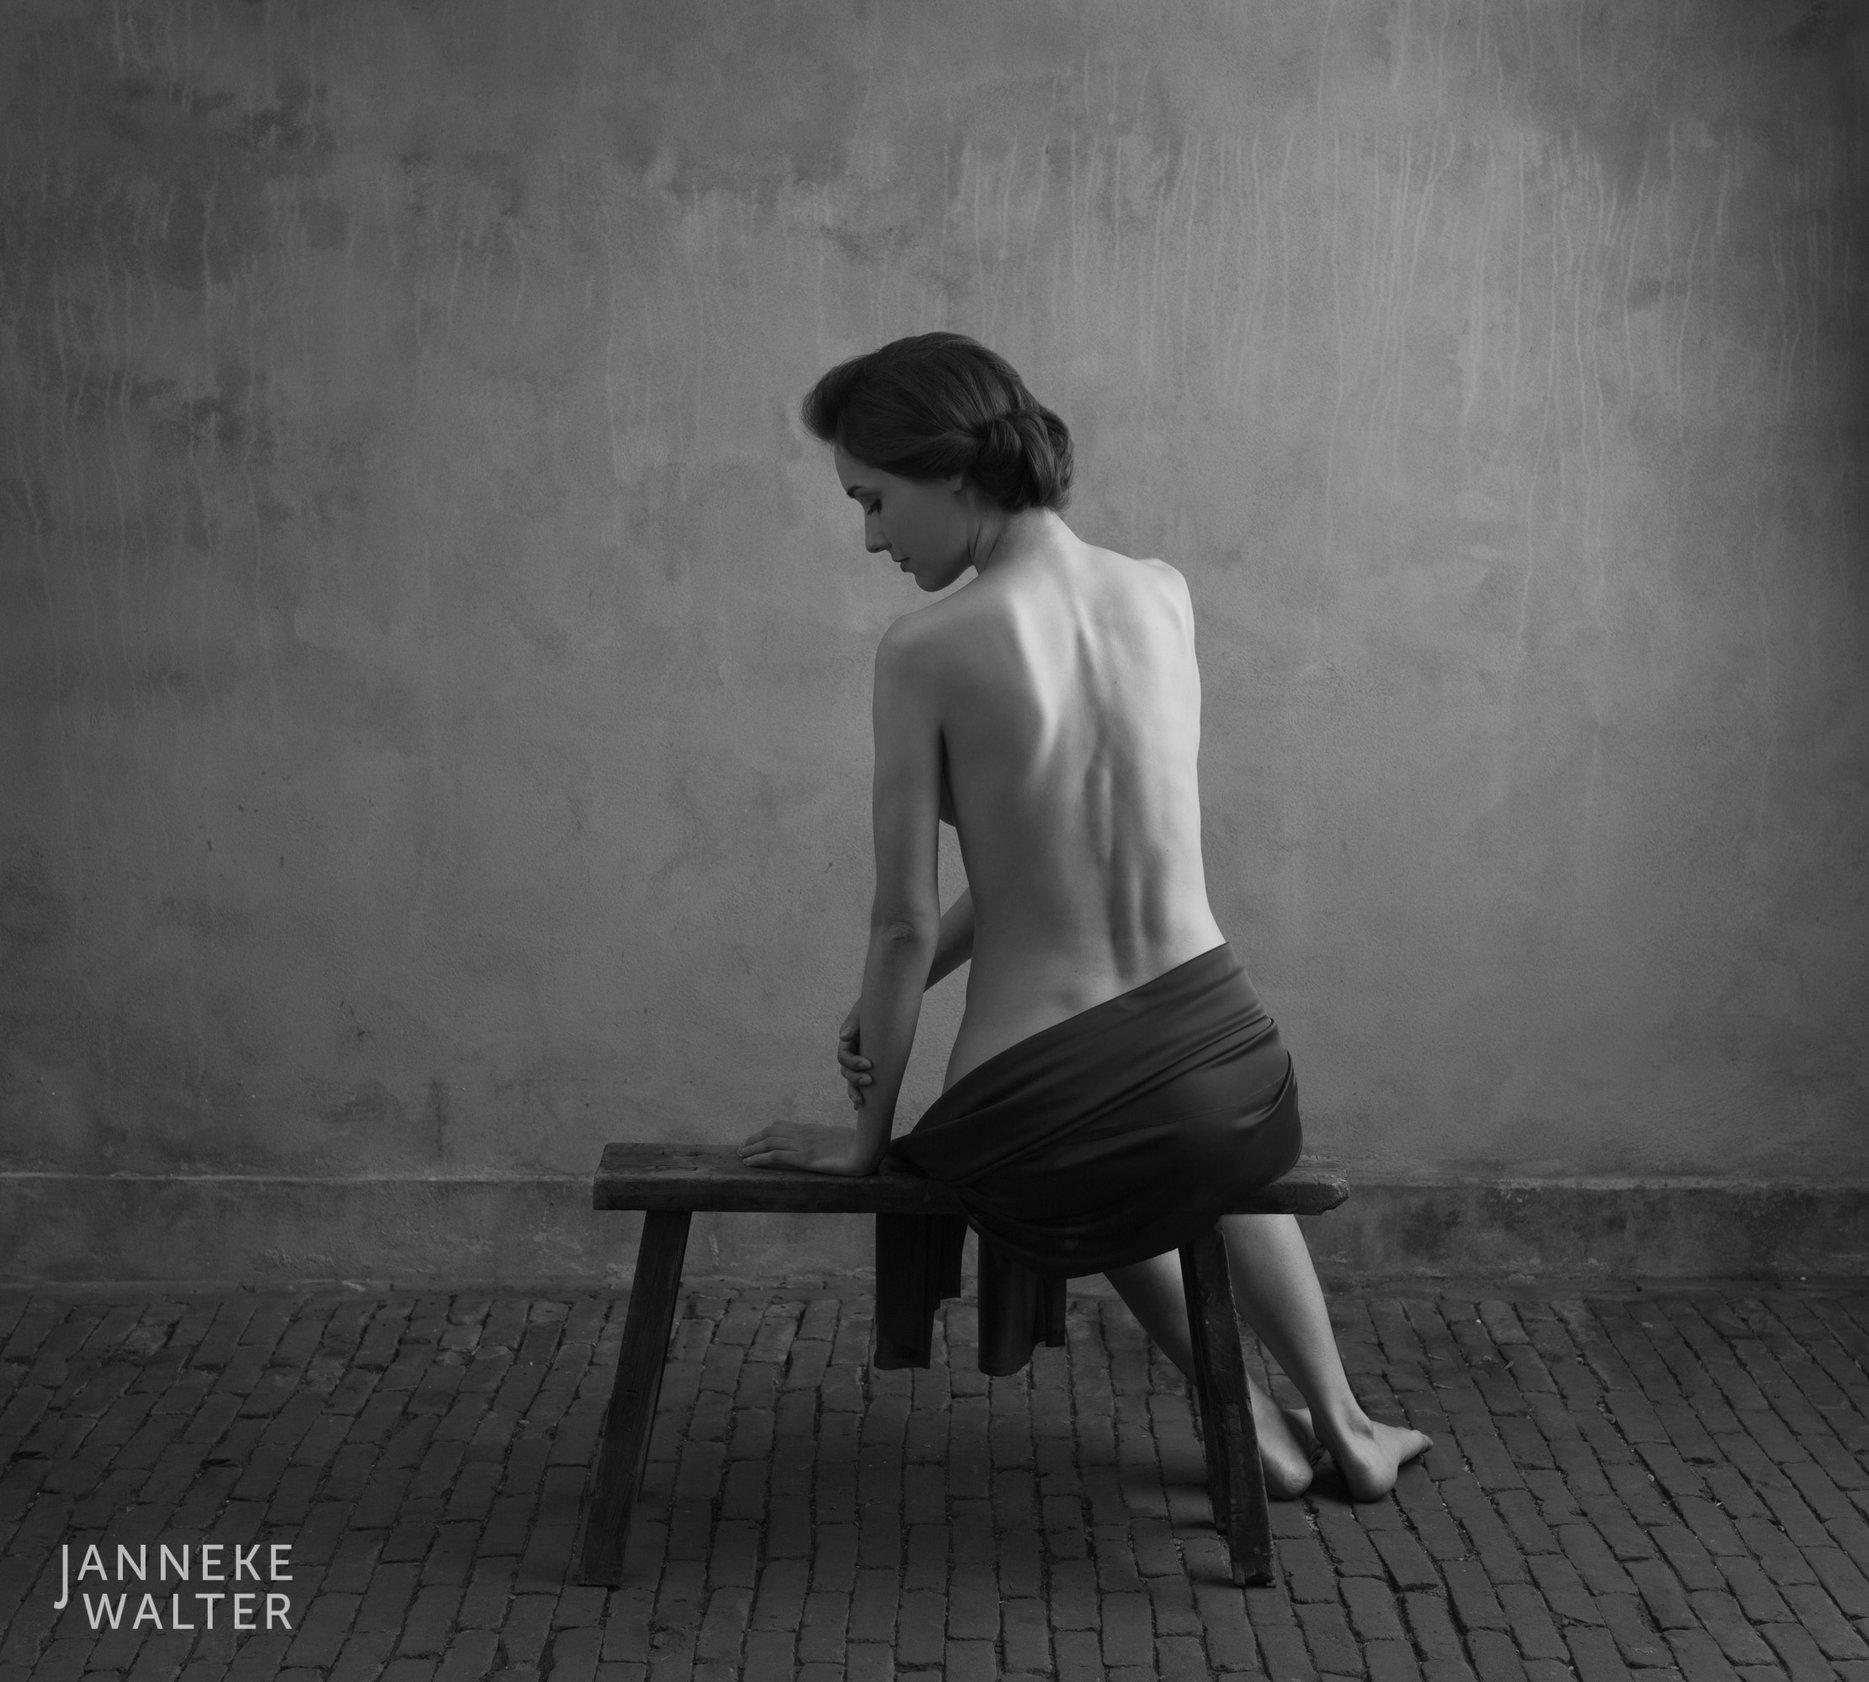 Fine art naakt foto vrouw met omslagdoek op bank © Janneke Walter, fotograaf Utrecht De Bilt, fine art fotografie, naaktfotografie